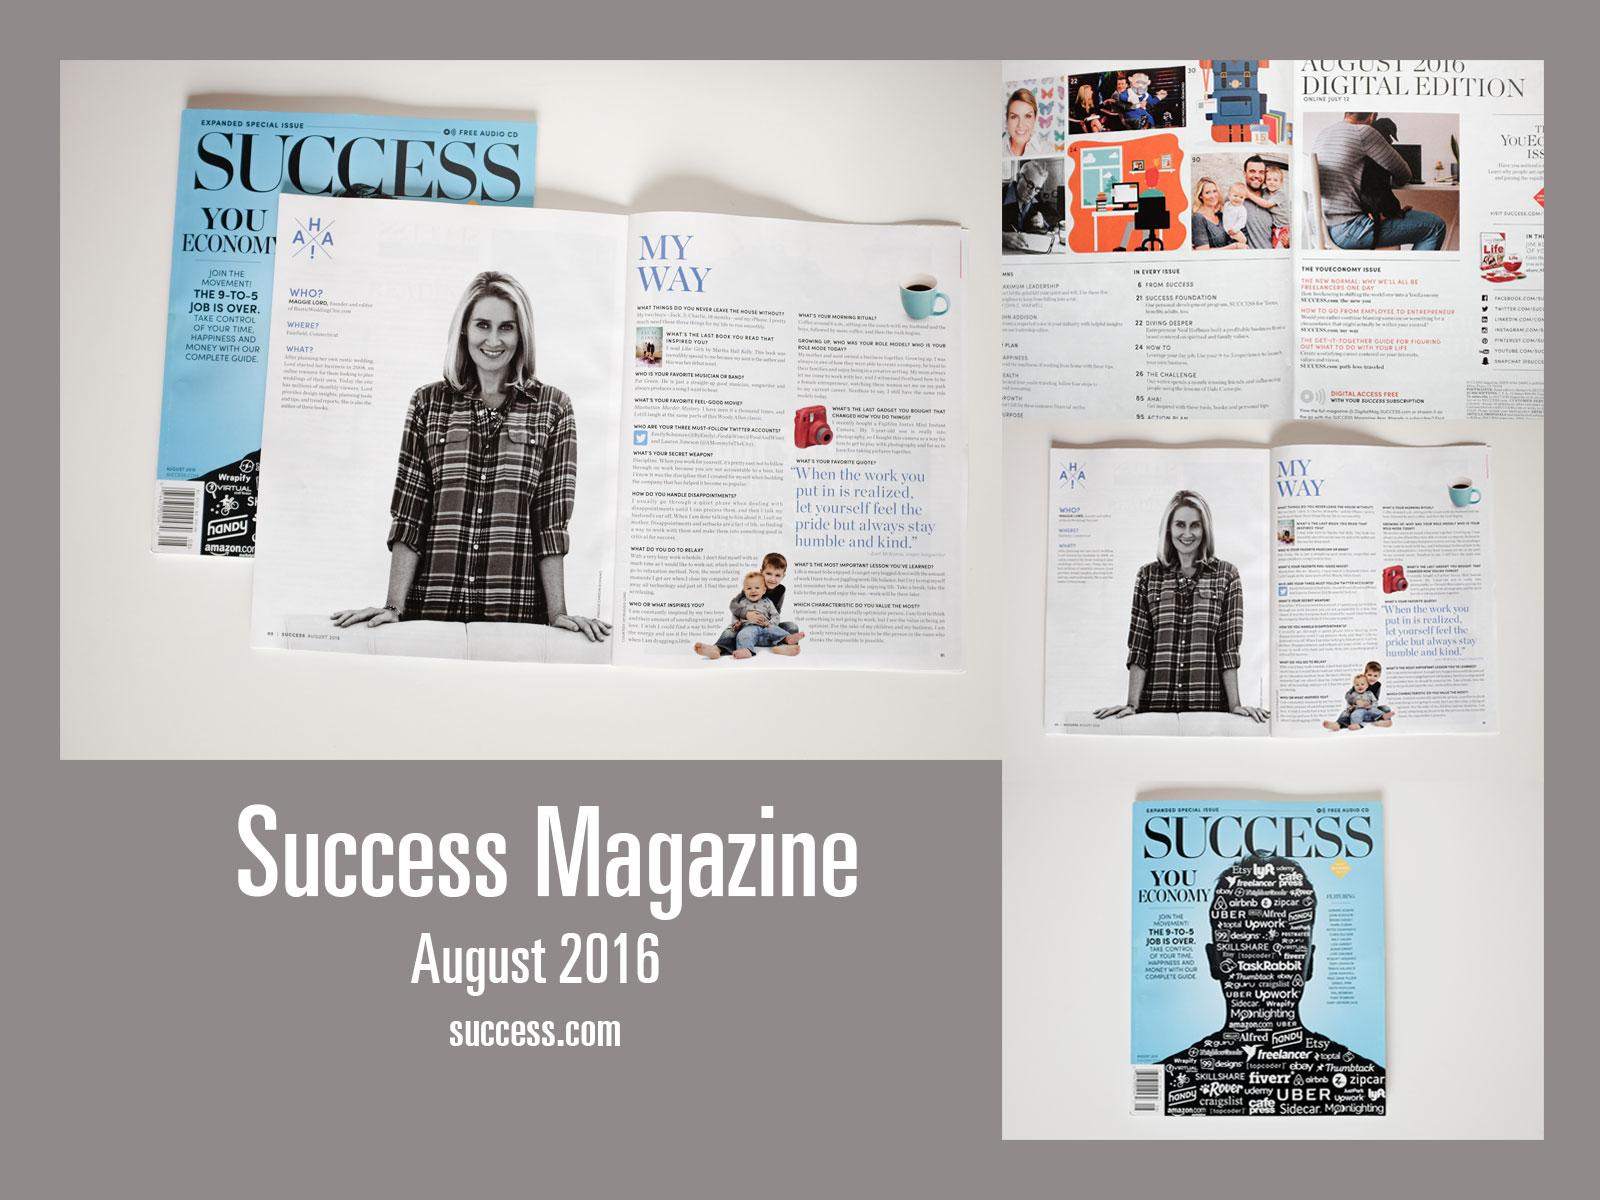 Success Magazine -  August 2016